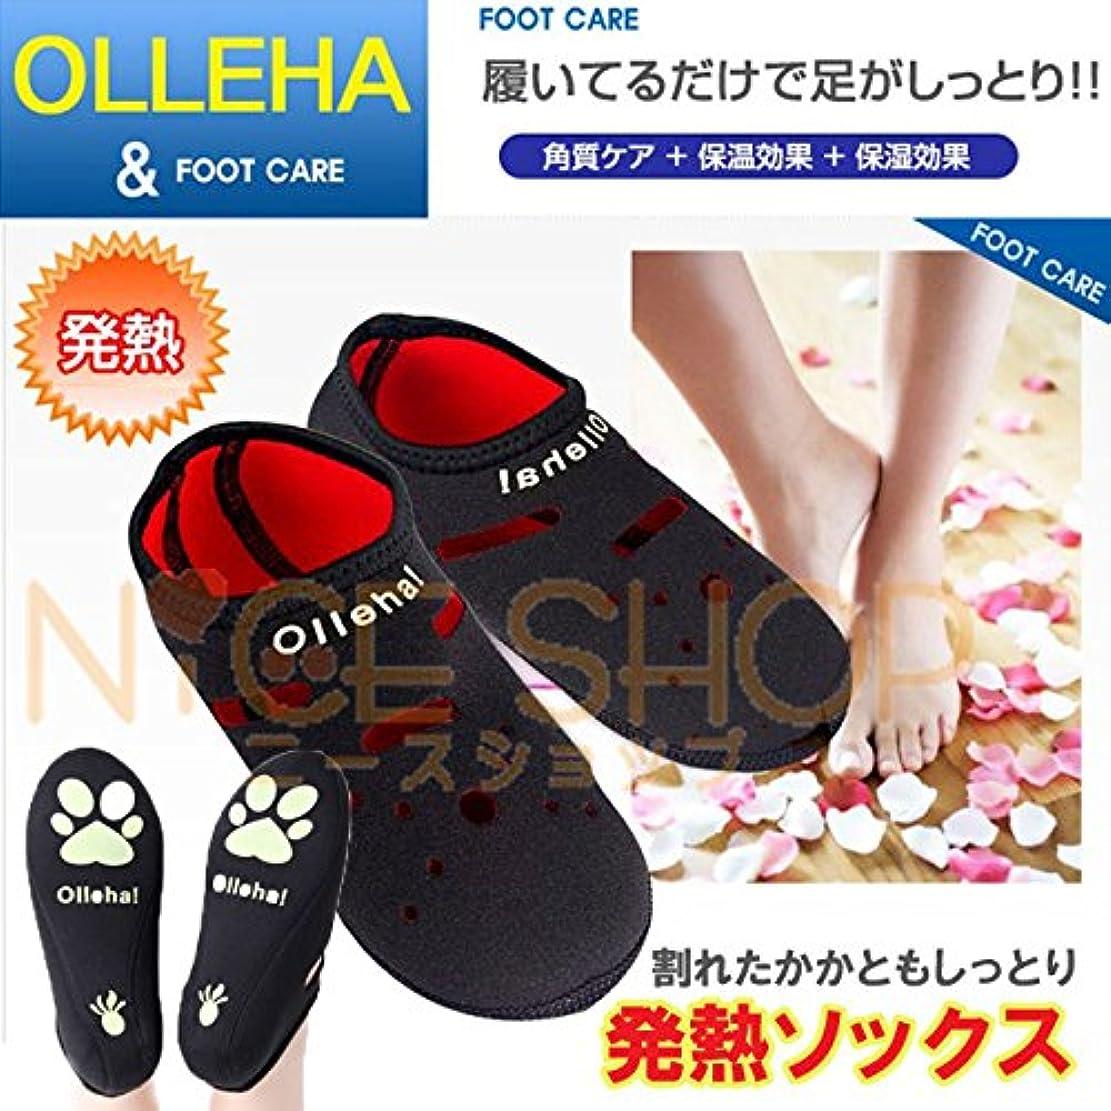 相関する退屈緊張する発熱靴下(足袋)発熱ソックス、フットケアー Olleha! (S(22.0~23.0))